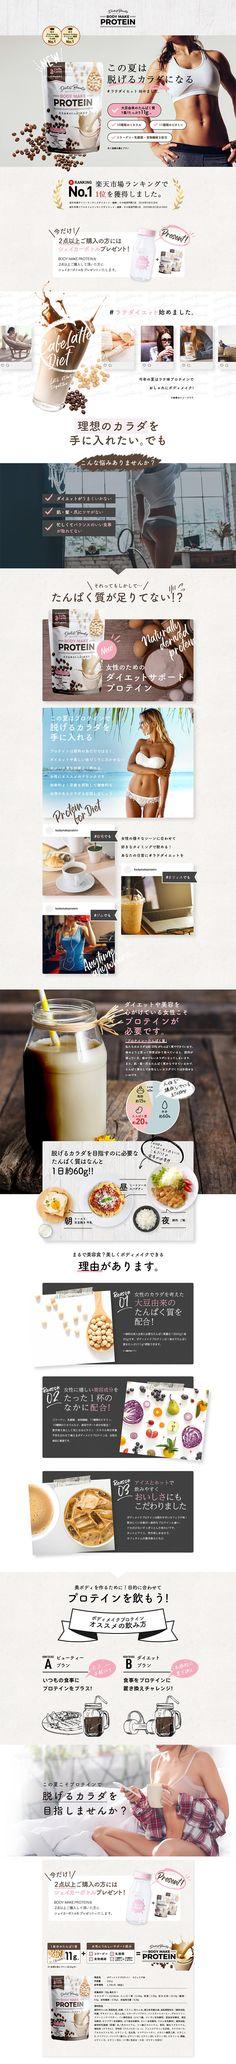 モノセンス株式会社様の「ボディメイクプロテイン」のランディングページ(LP)かわいい系|健康・美容食品・サプリ #LP #ランディングページ #ランペ #ボディメイクプロテイン